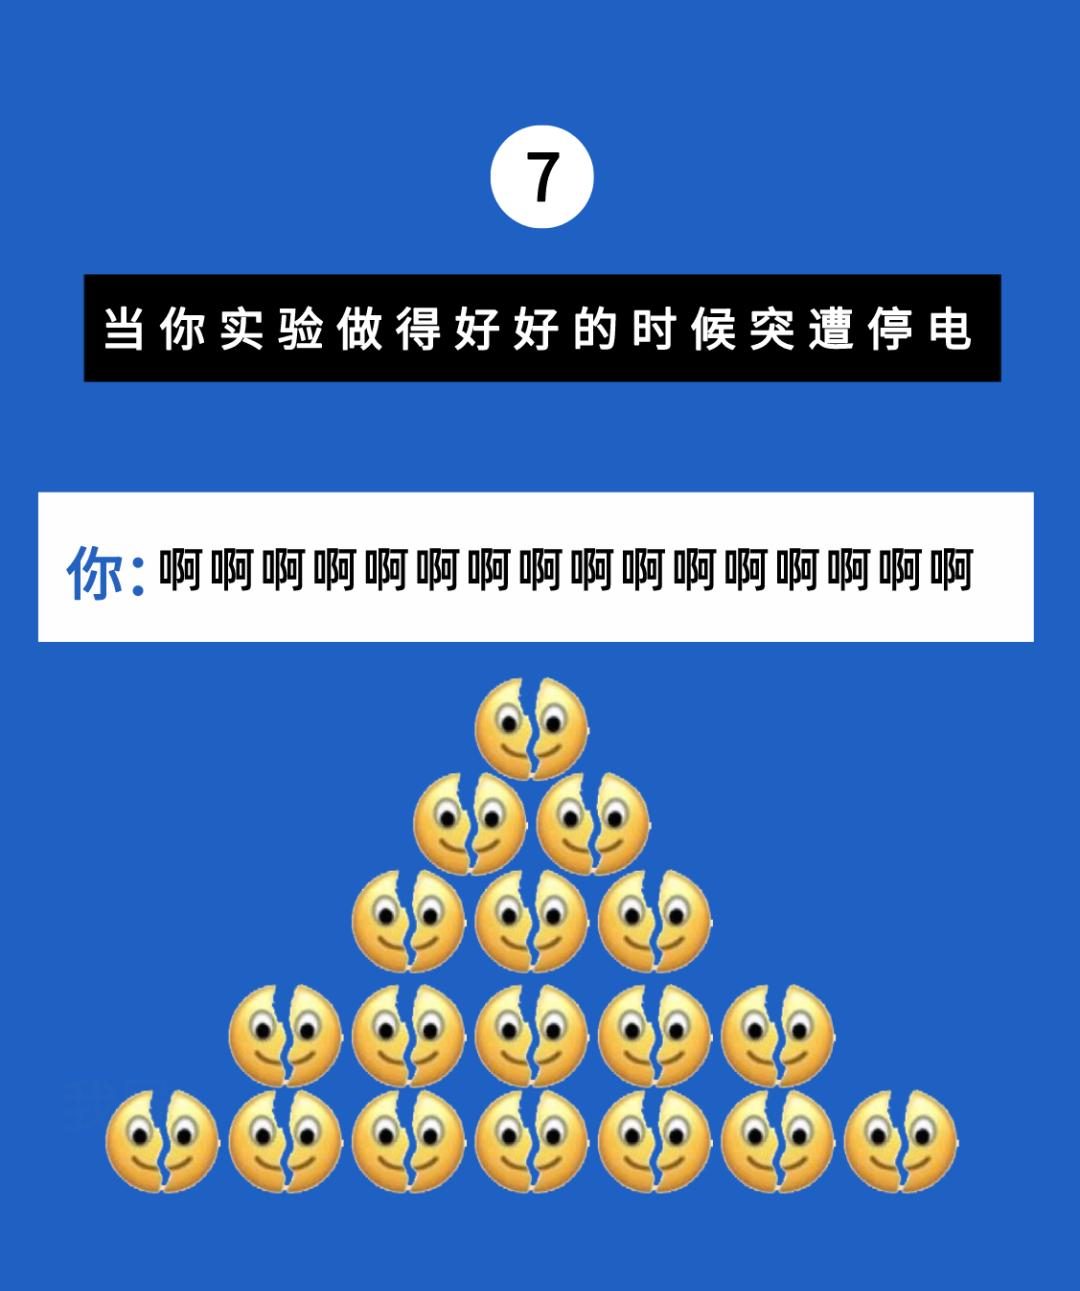 9微信新表情大赏——科研狗的正确使用方法!.png